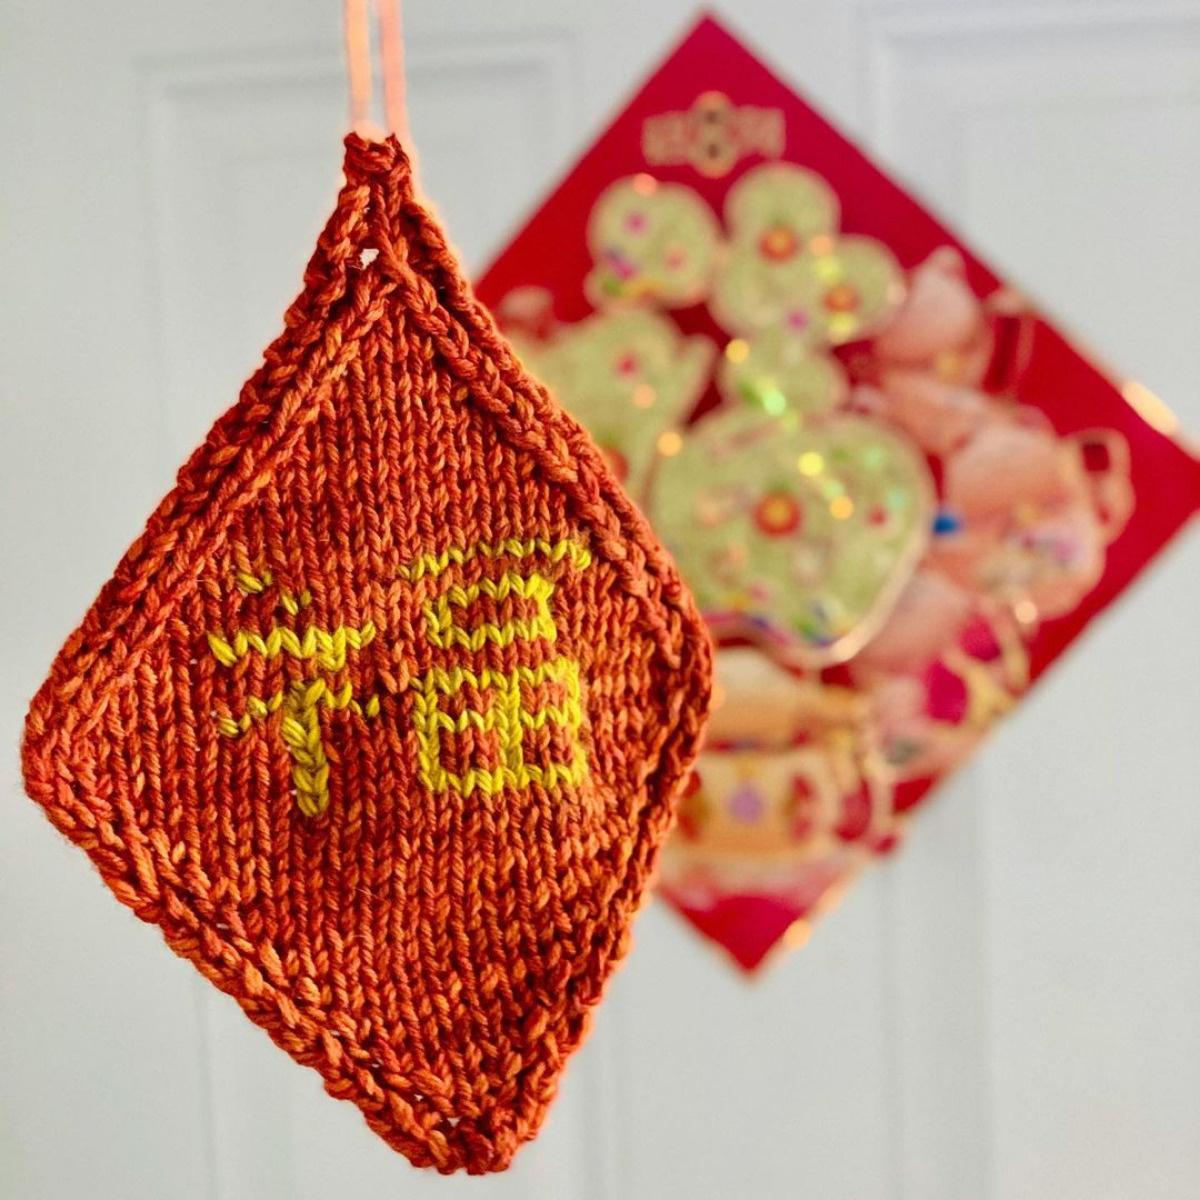 Friday, February 12, 2021, Issue 185: Happy Lunar New Year!